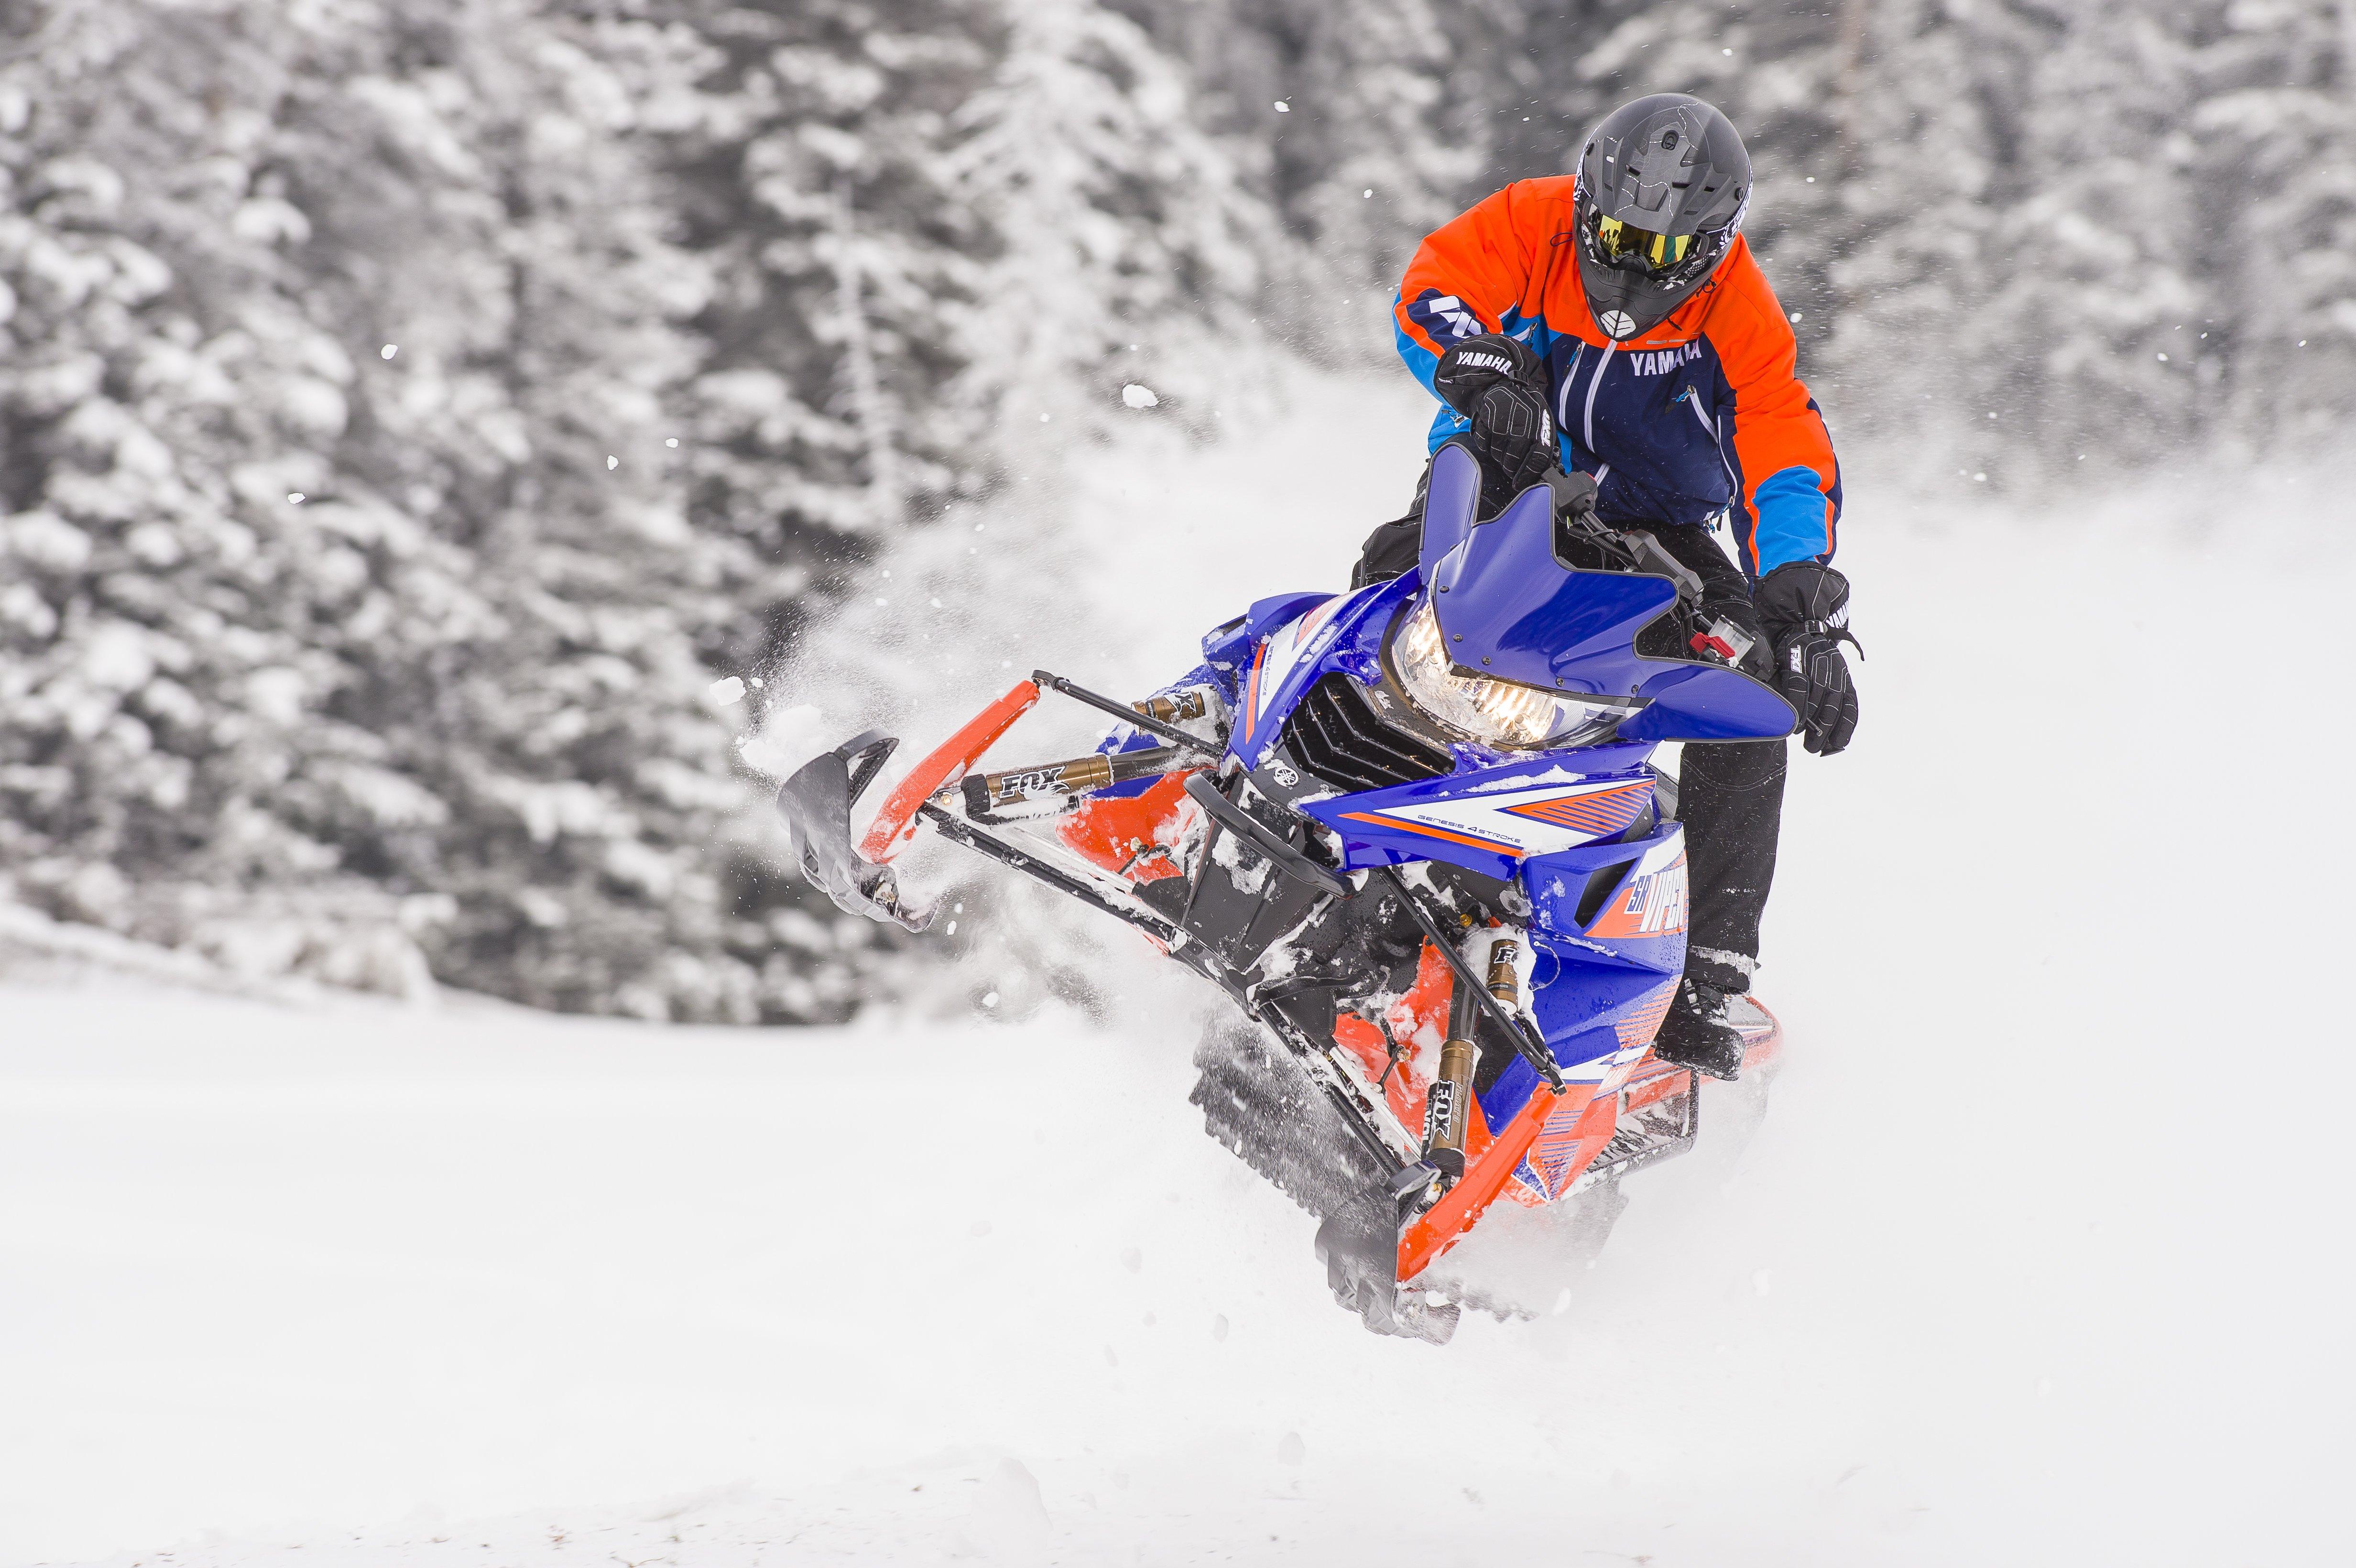 Yamaha s r viper snowmobile sled atv 22 wallpaper for Yamaha snow mobiles